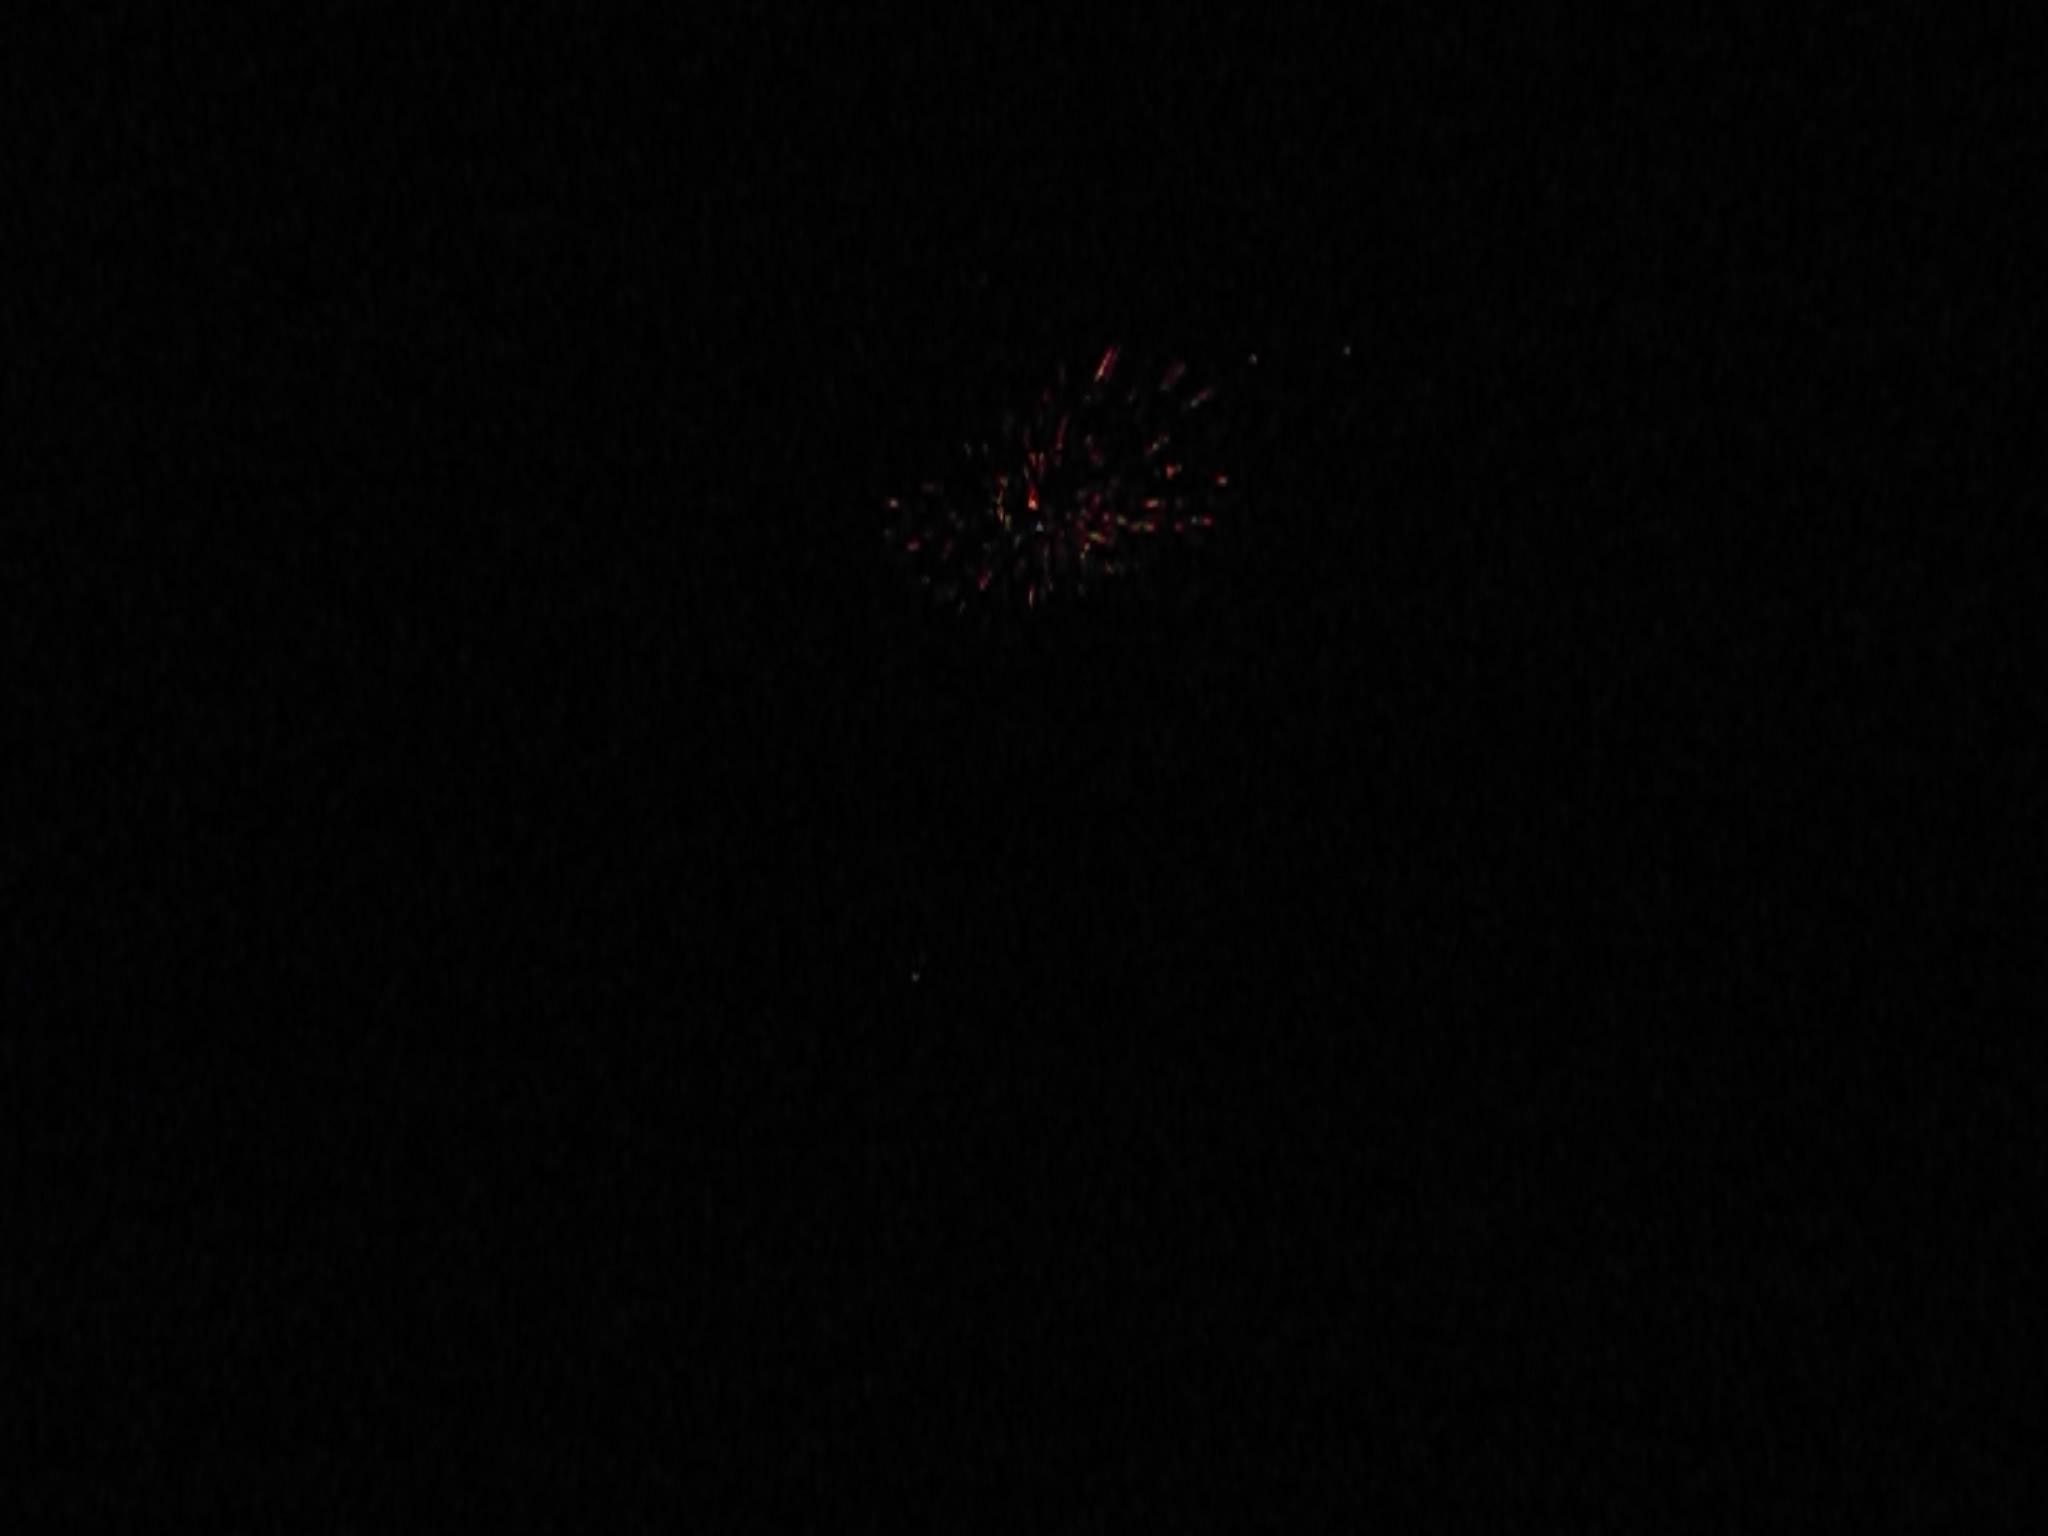 feuerwerk-serie-gif-4519